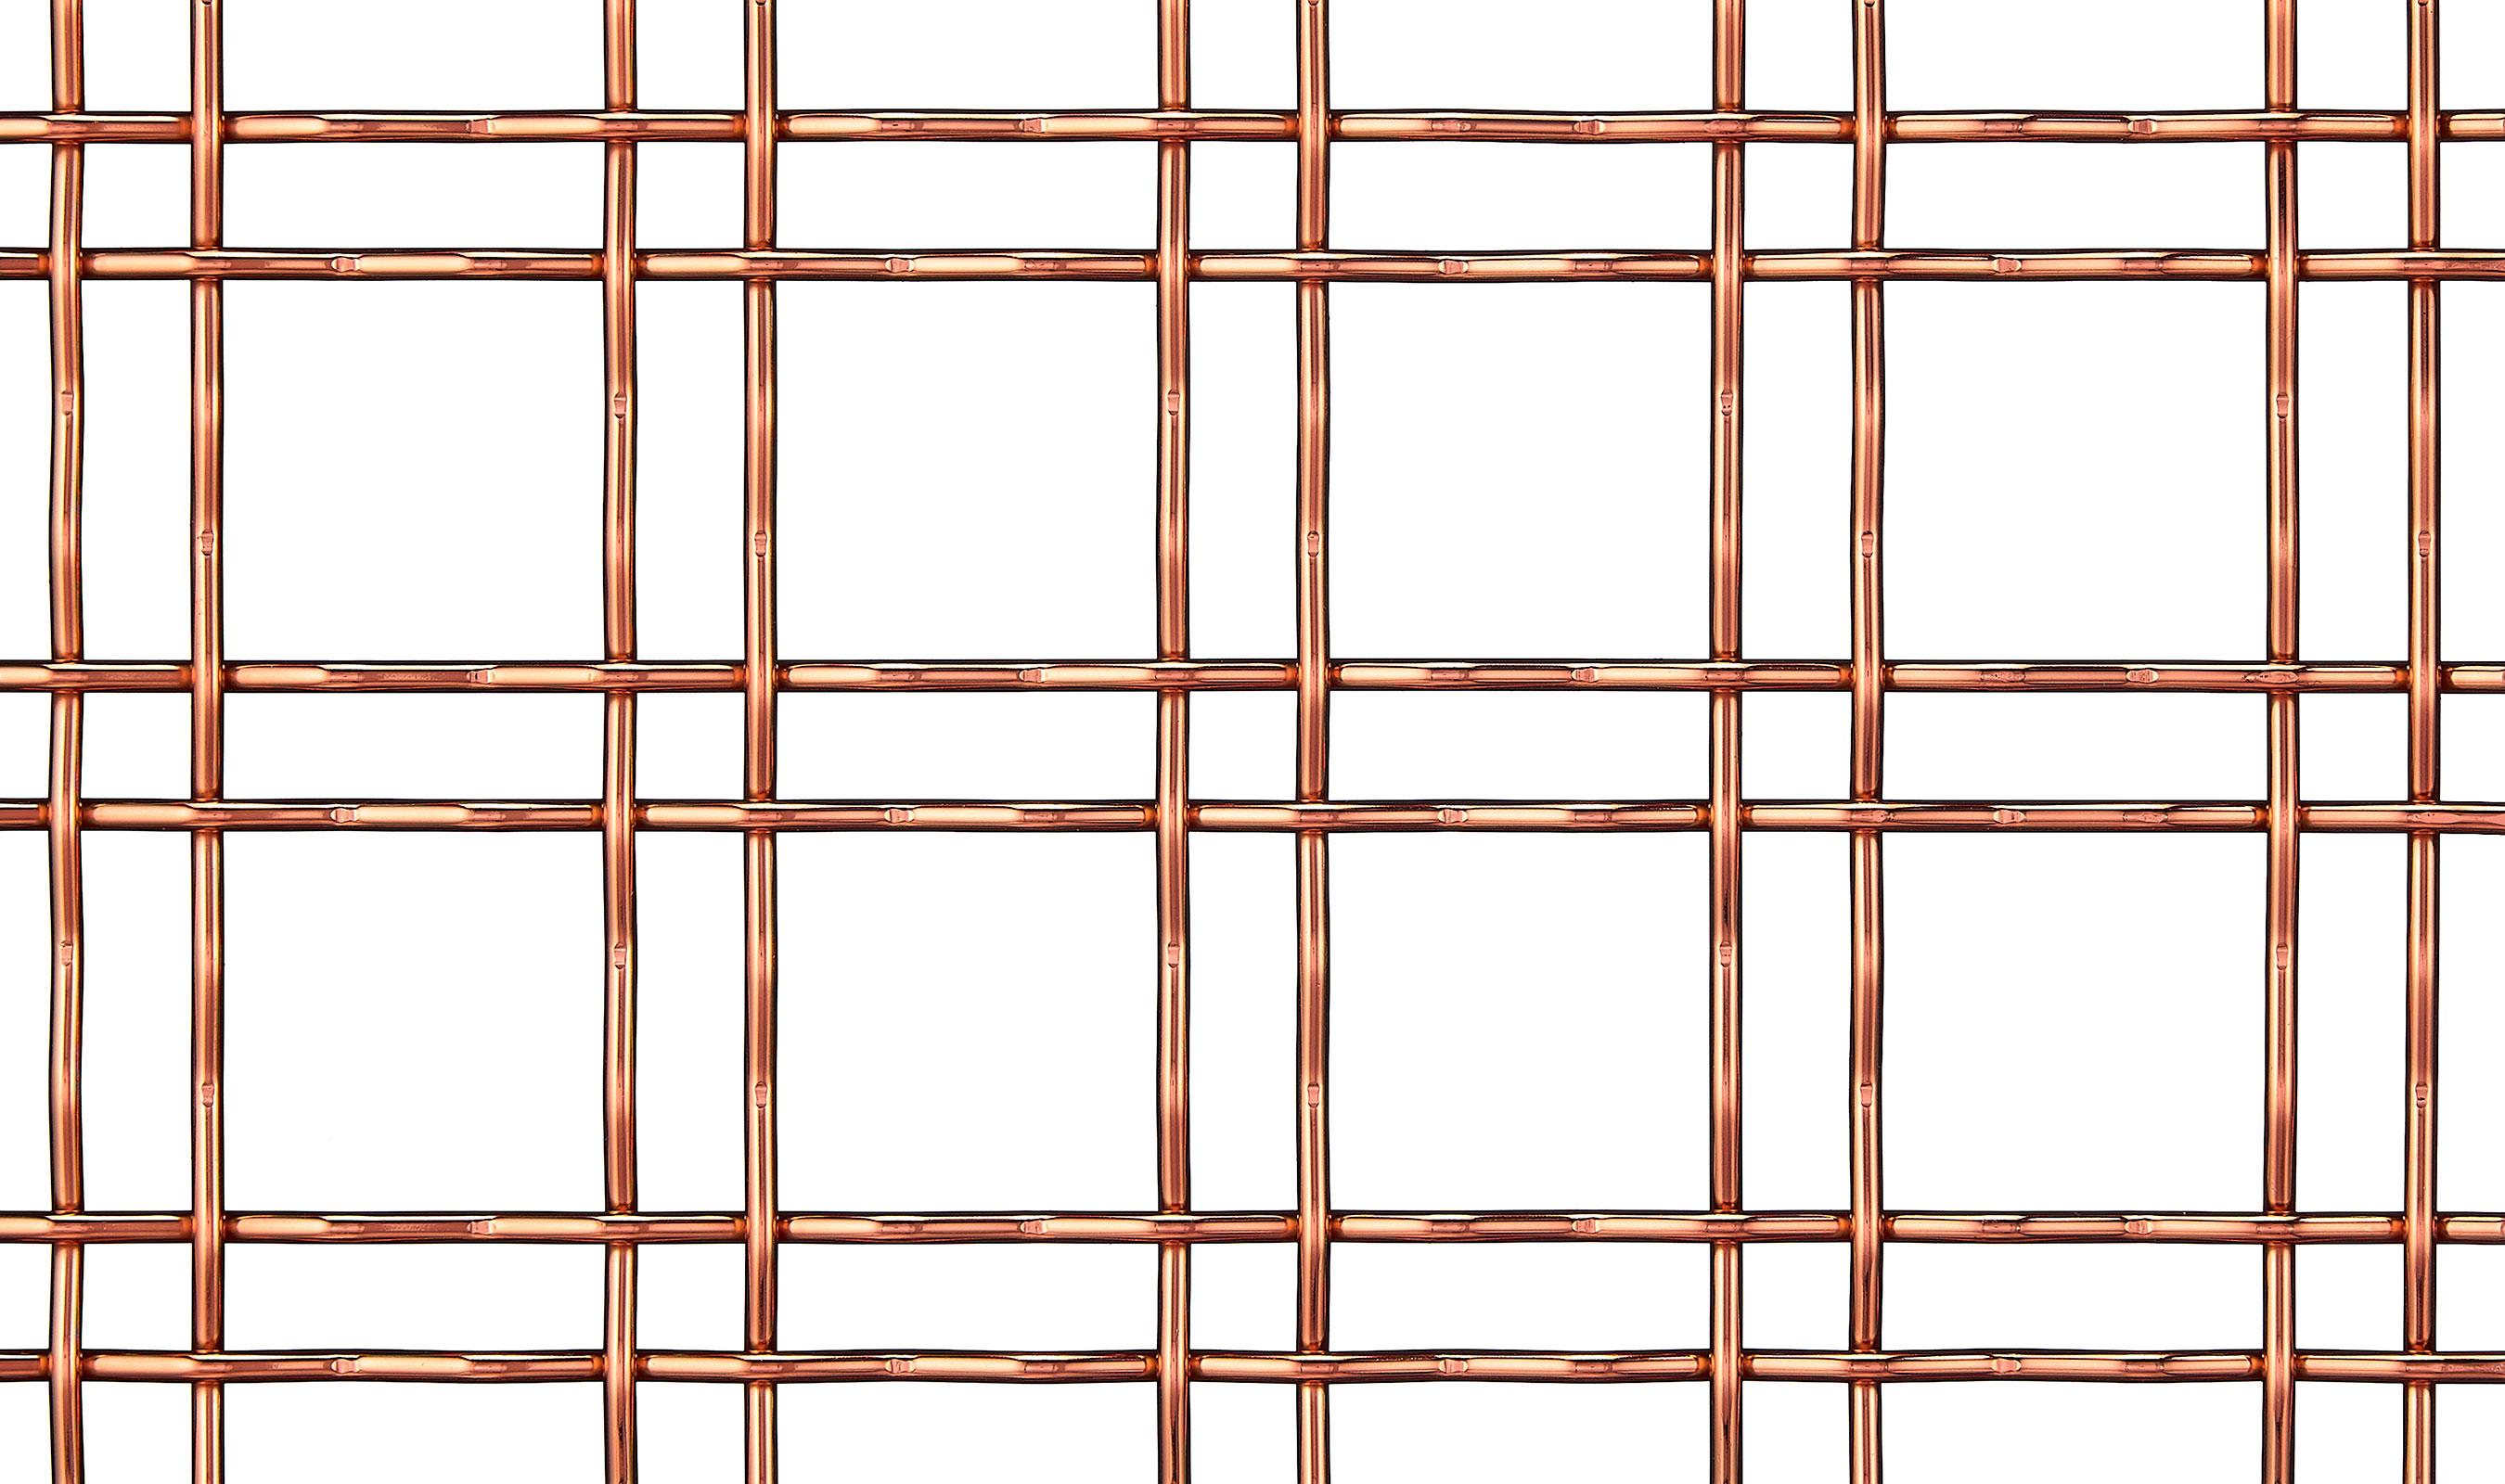 M22-8 Bright Copper Plated